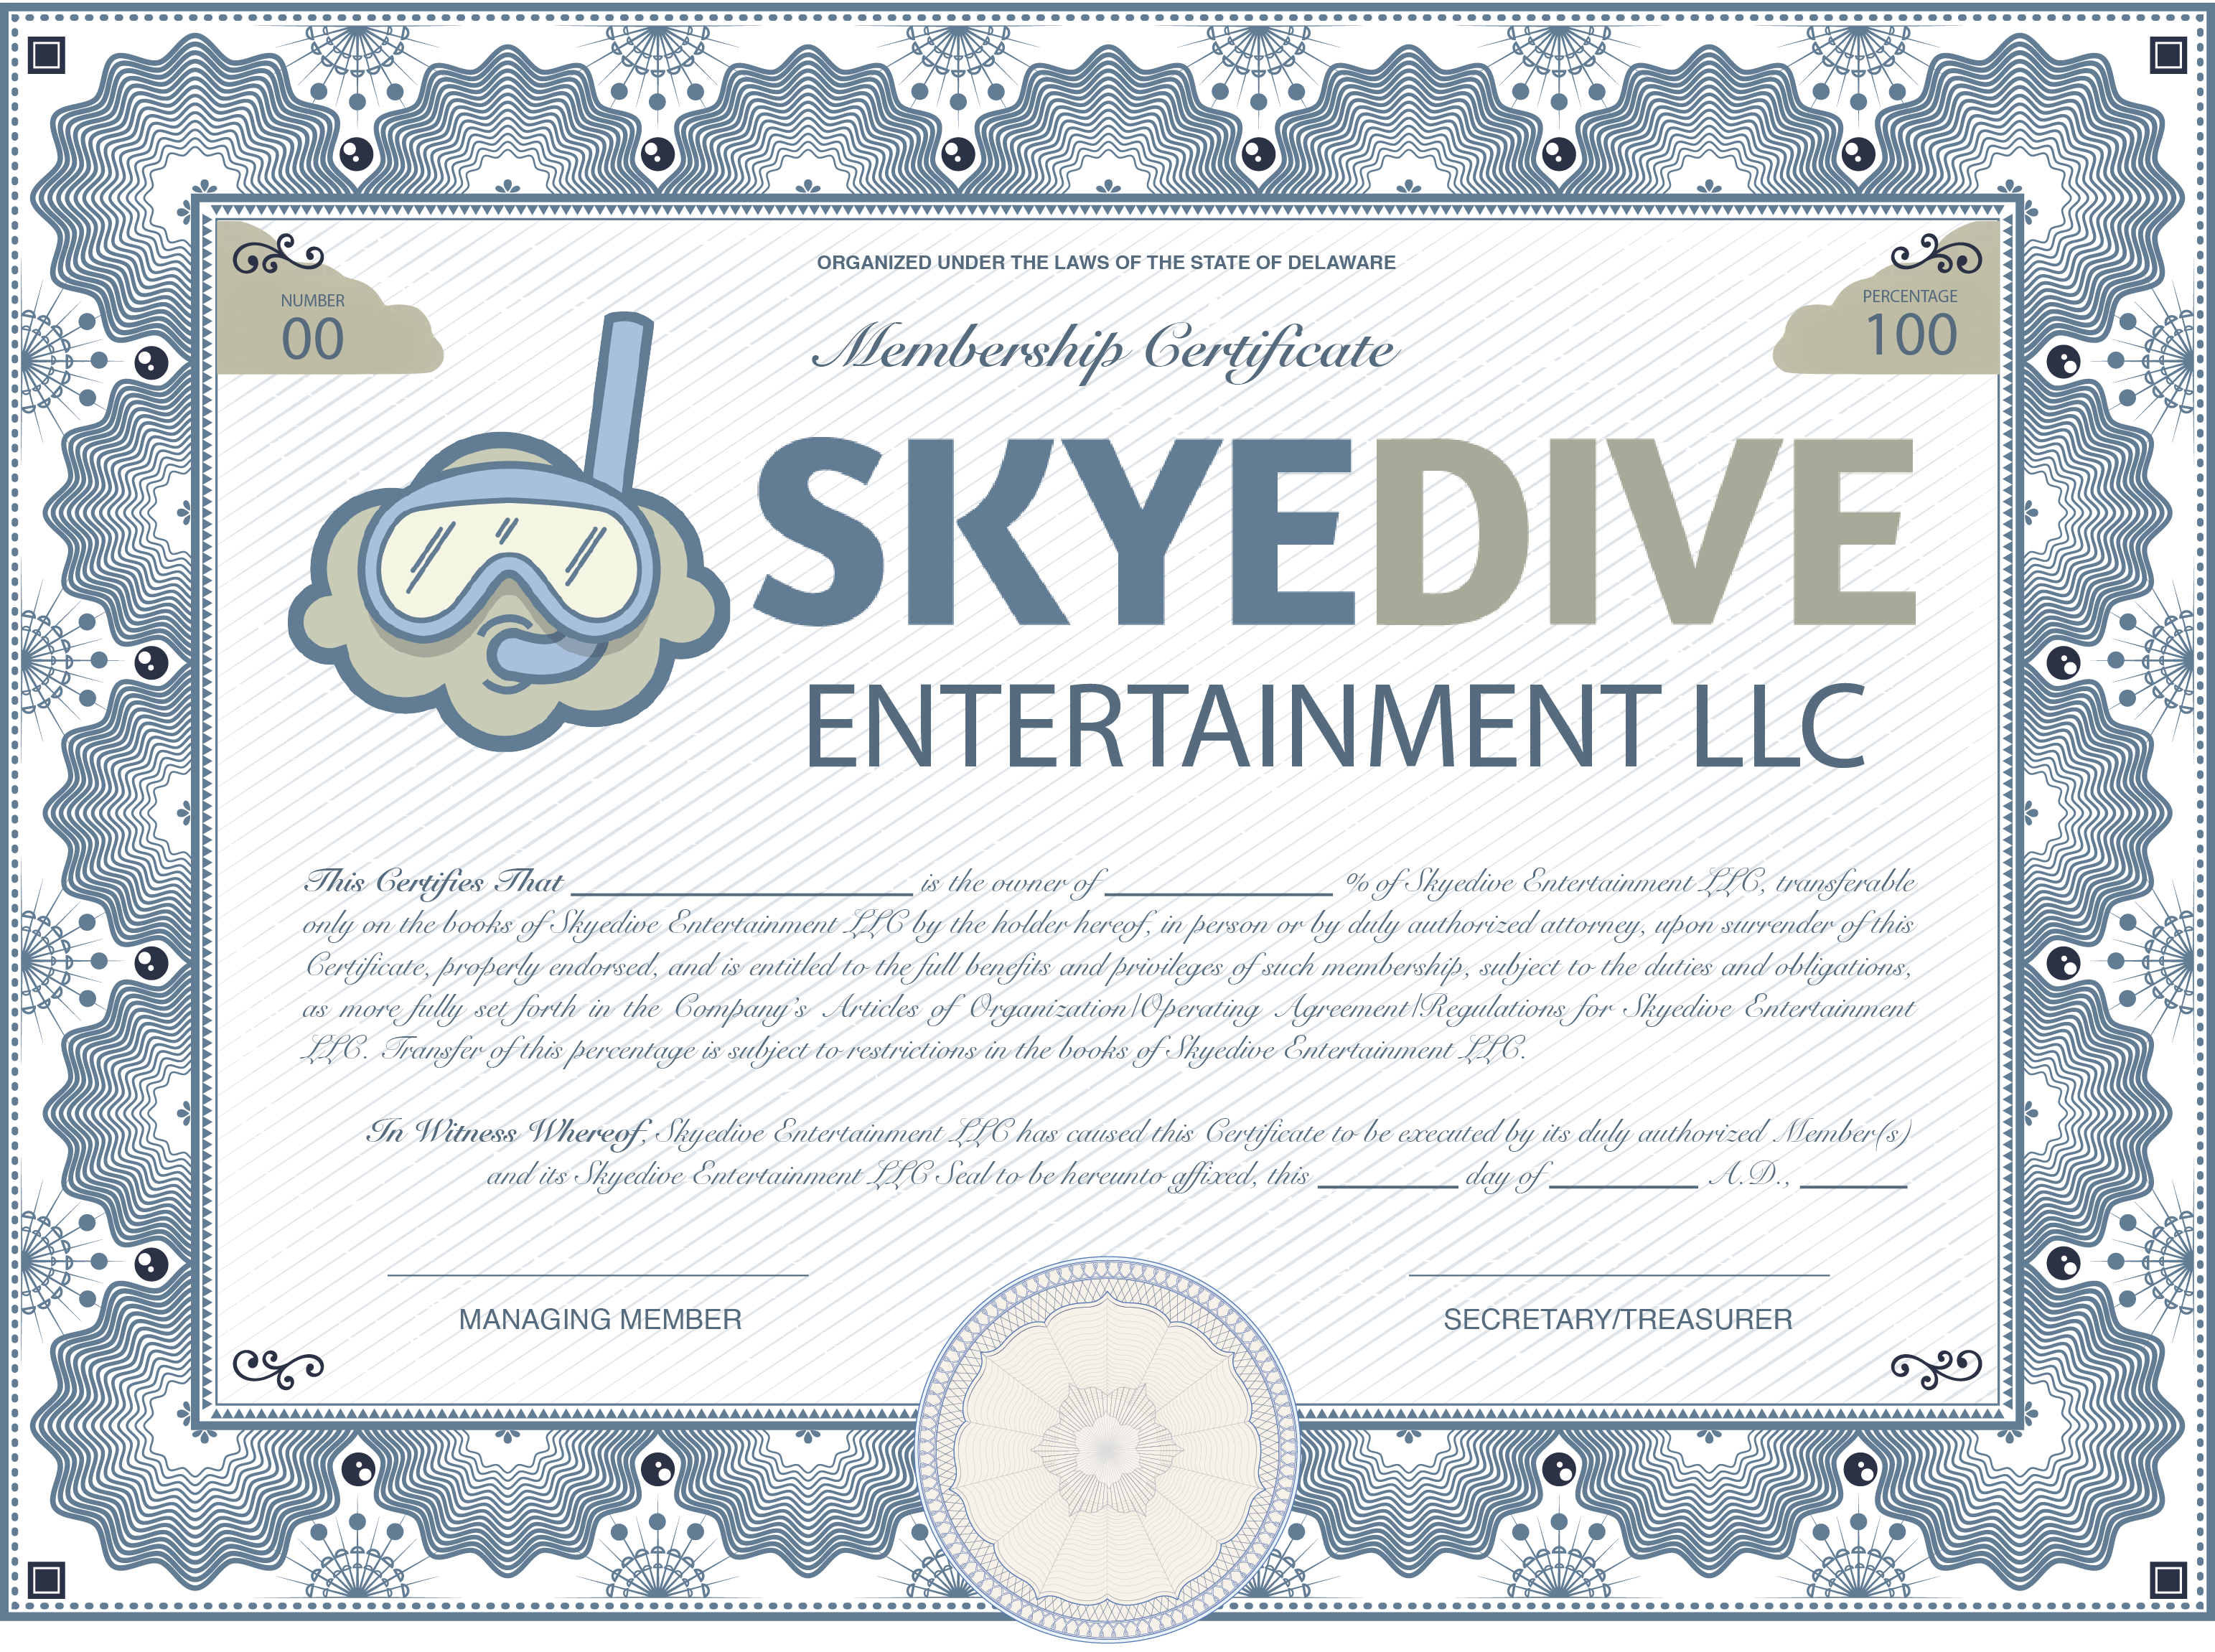 Skyedive_LLC_Membership_Certificate